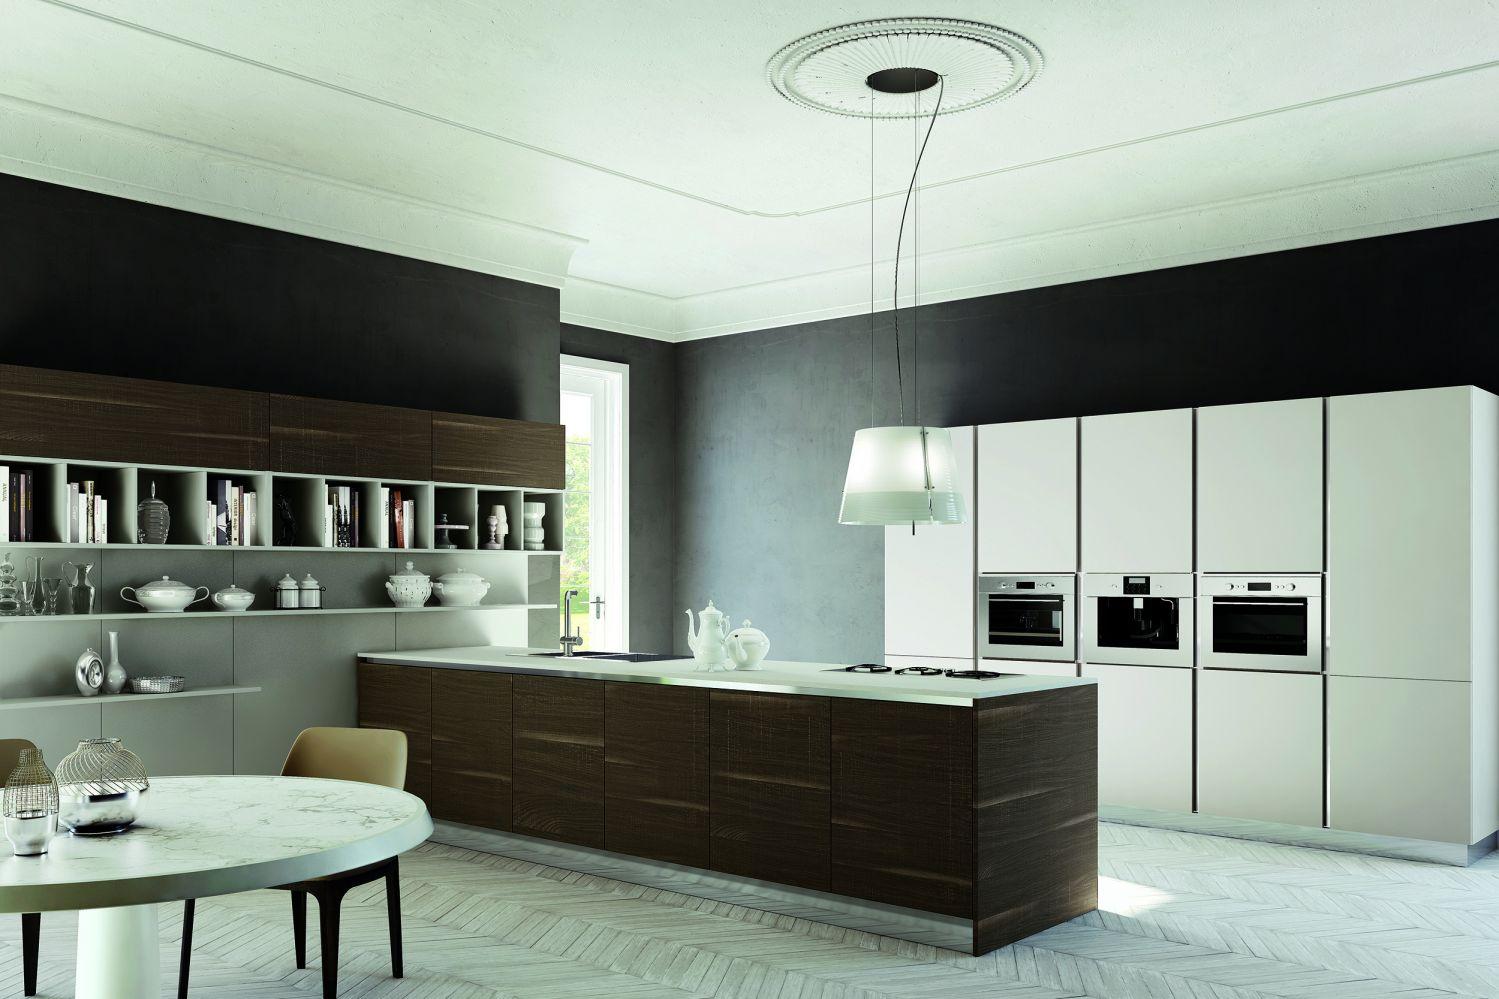 cuisine laqu e brillante aux lignes pur es design italien de zecchinon mod le jama meuble et. Black Bedroom Furniture Sets. Home Design Ideas